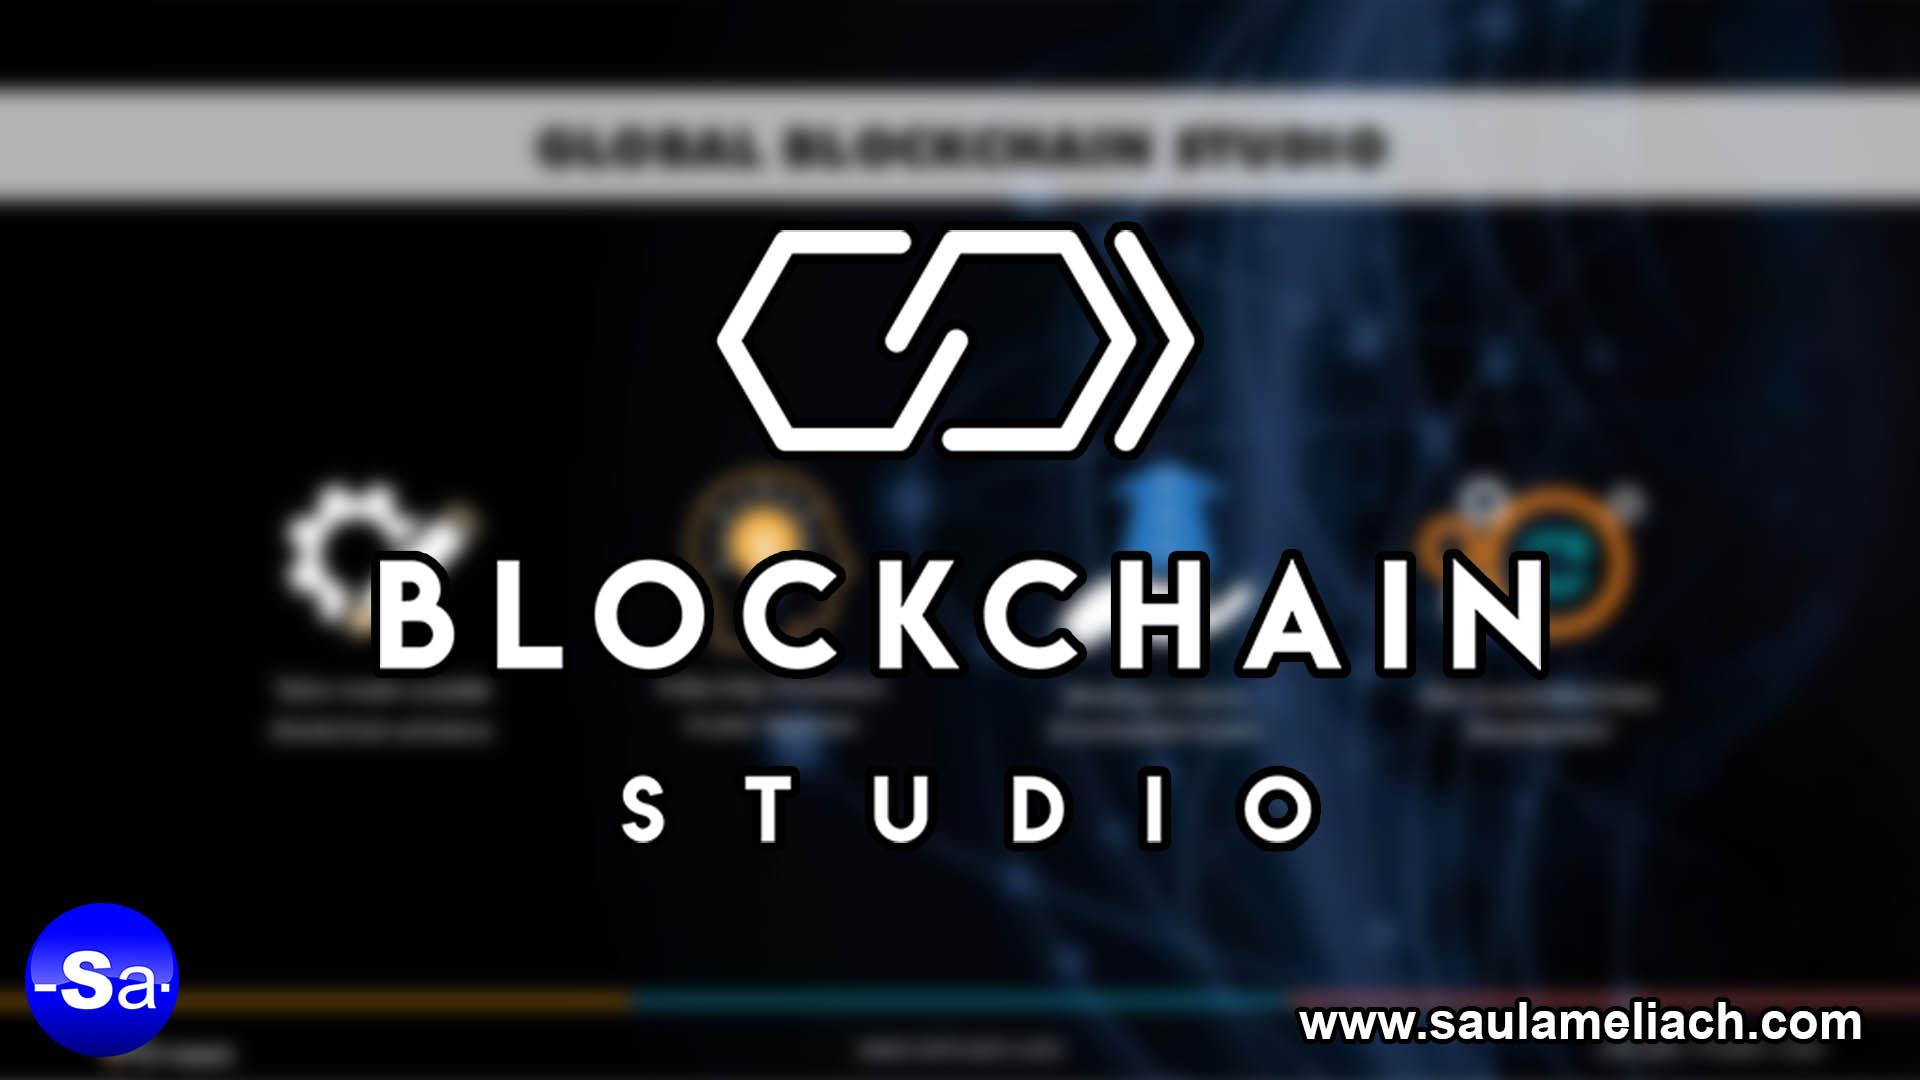 Saul Ameliach - Blockchain Studio Nuevo proyecto de ENGIE